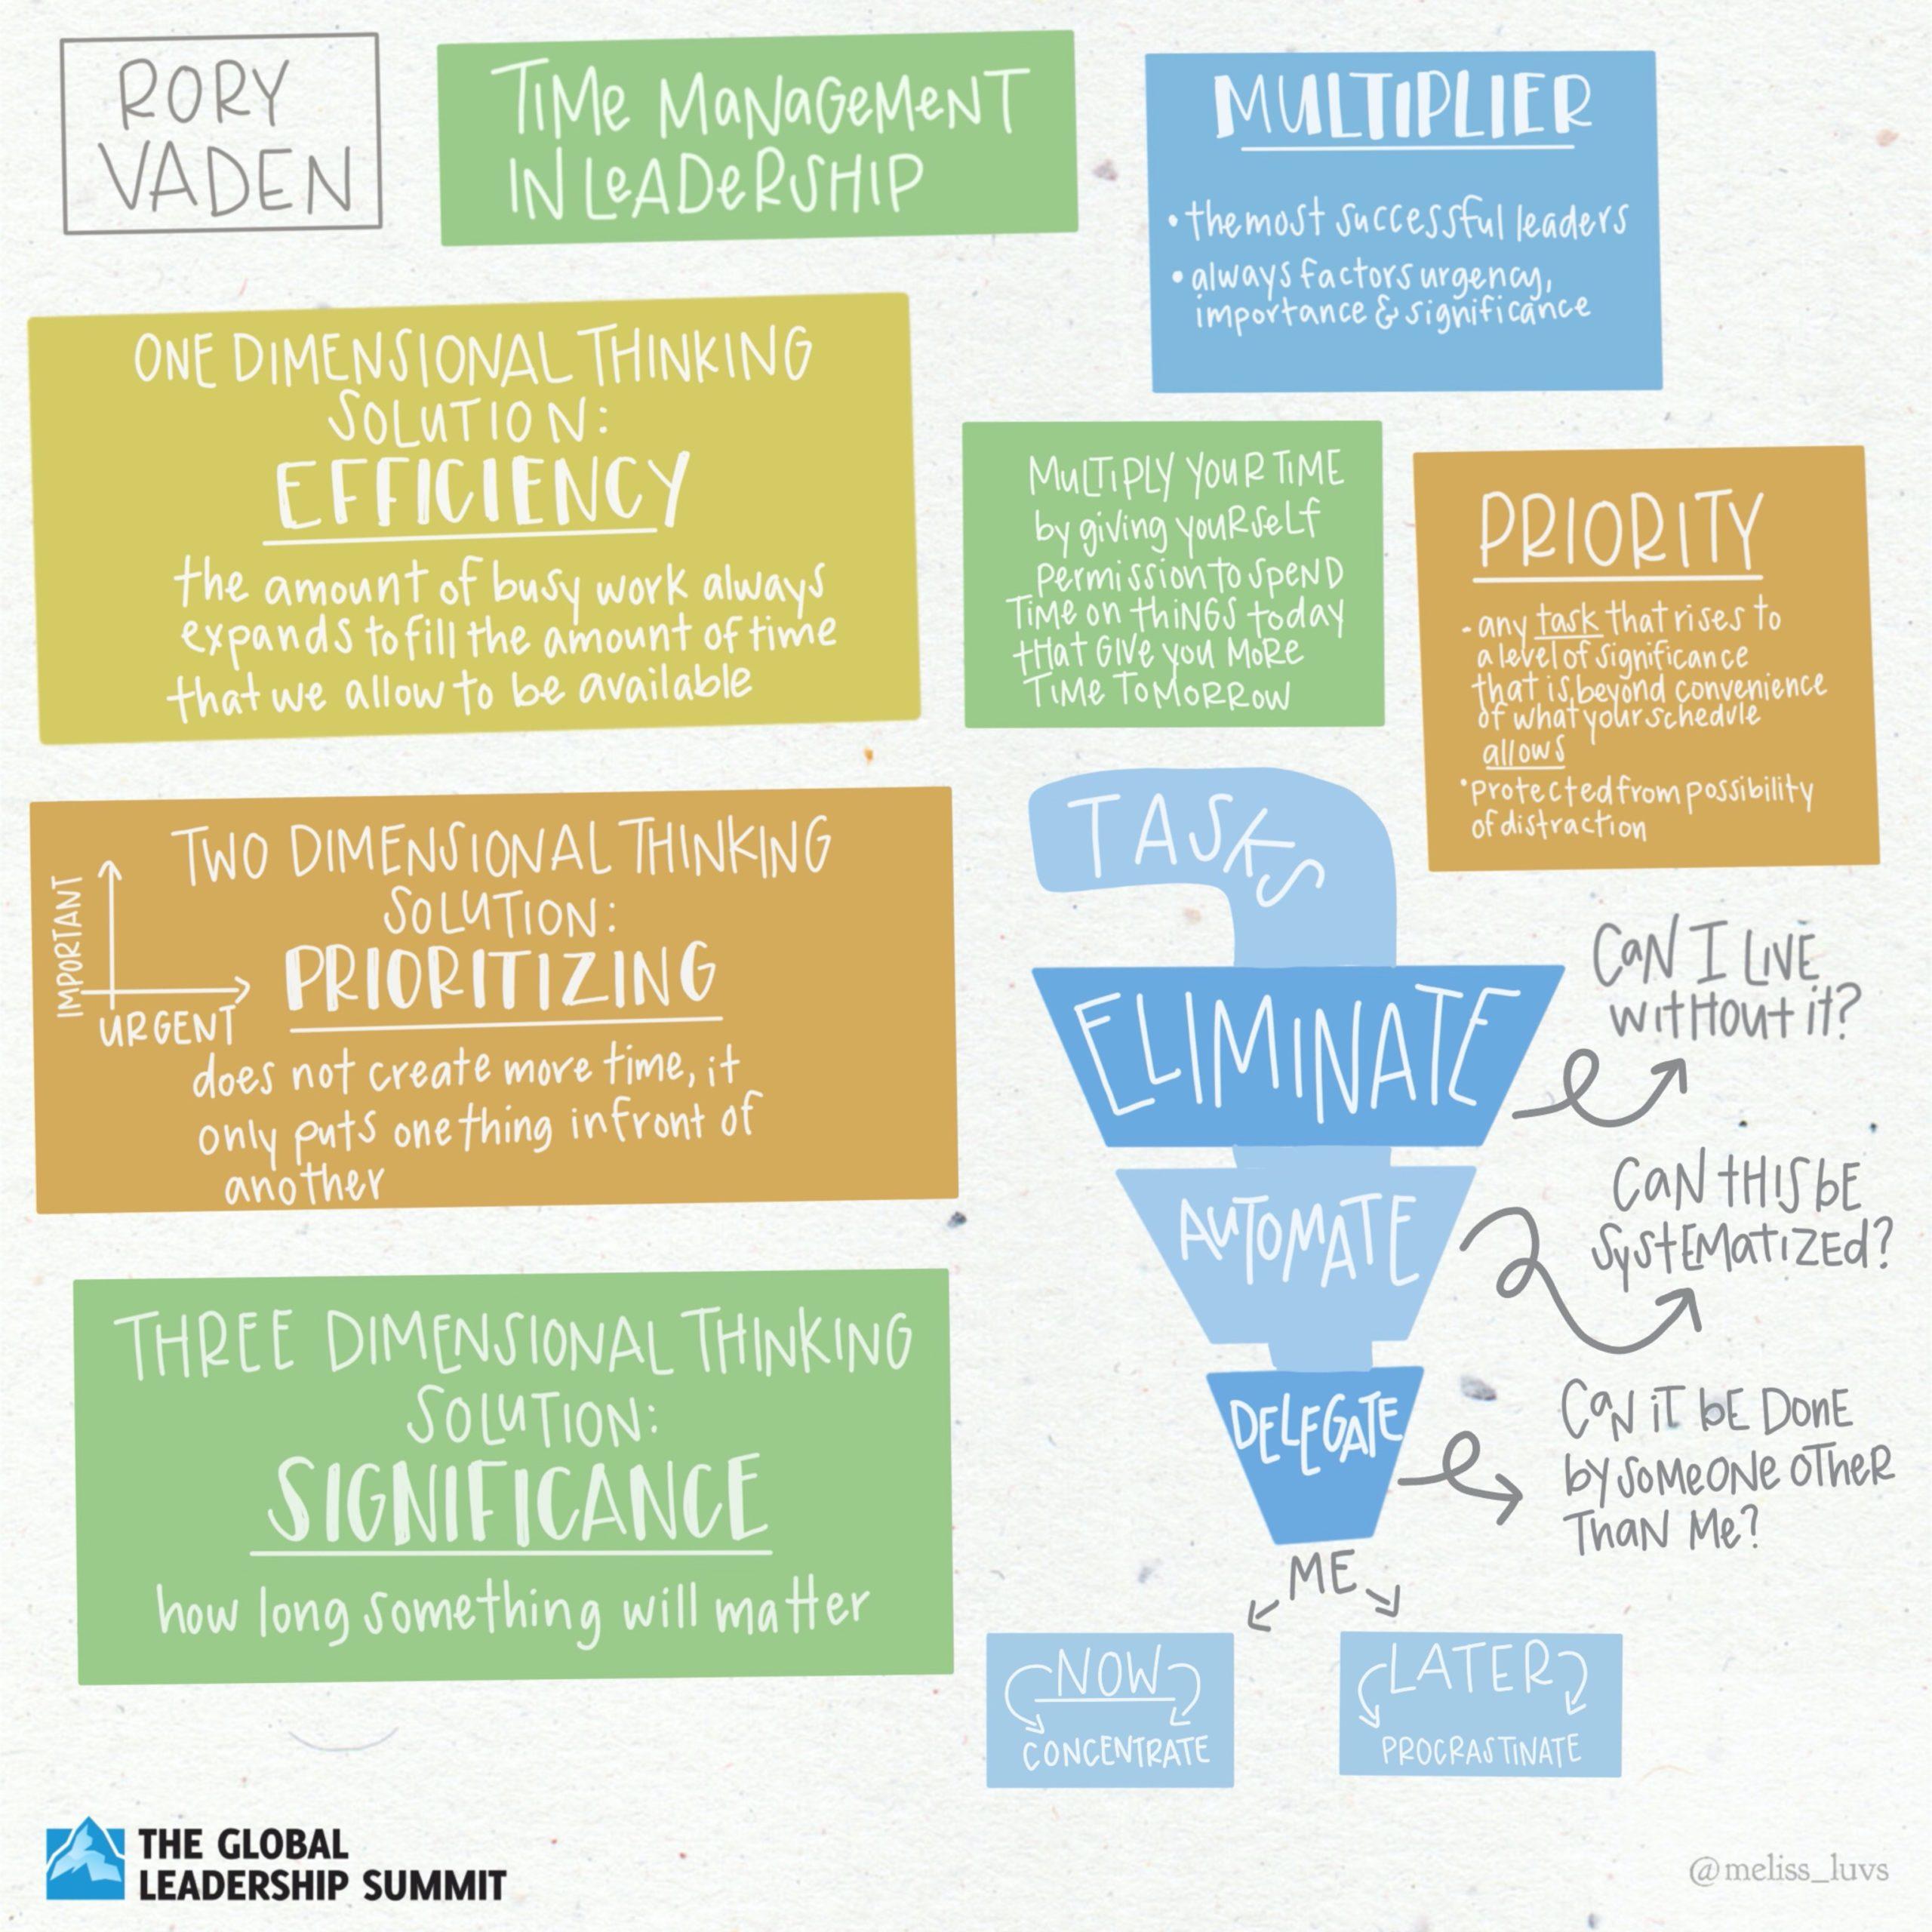 GLS20 Rory Vaden Illustrative Summary